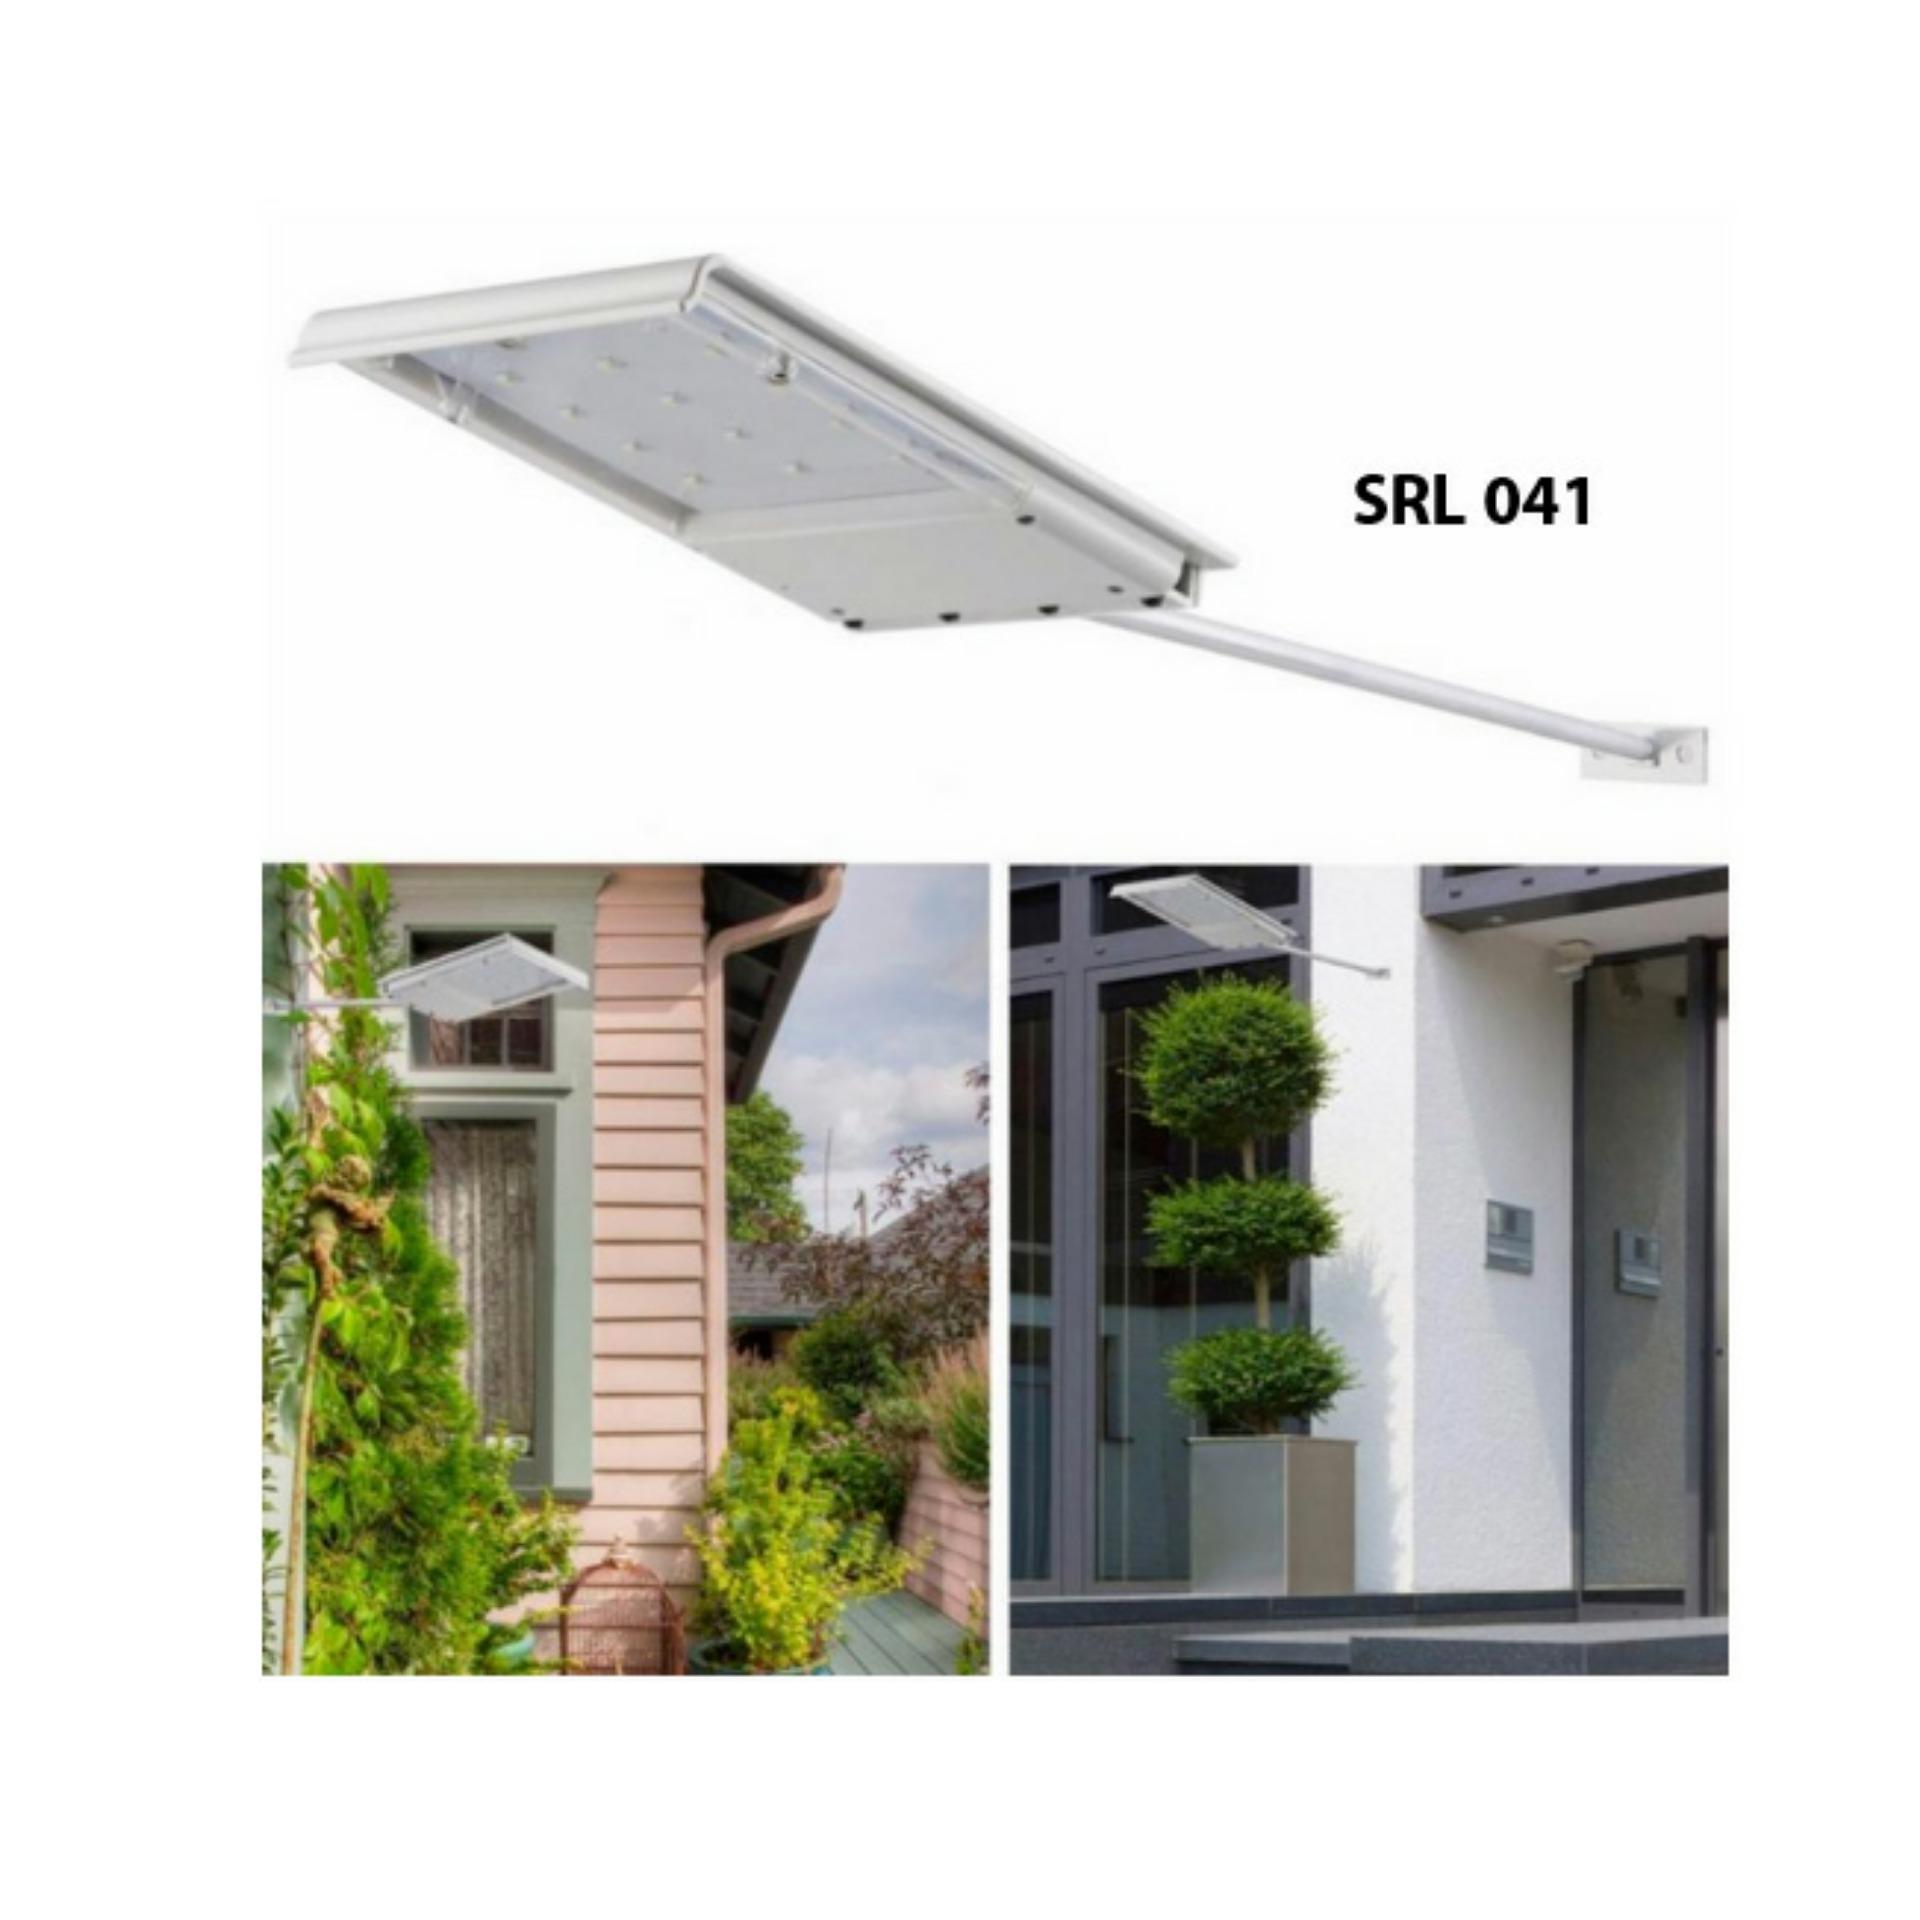 Lampu PJU Mini Solar Cell Tenaga Surya 5Watt 24LED